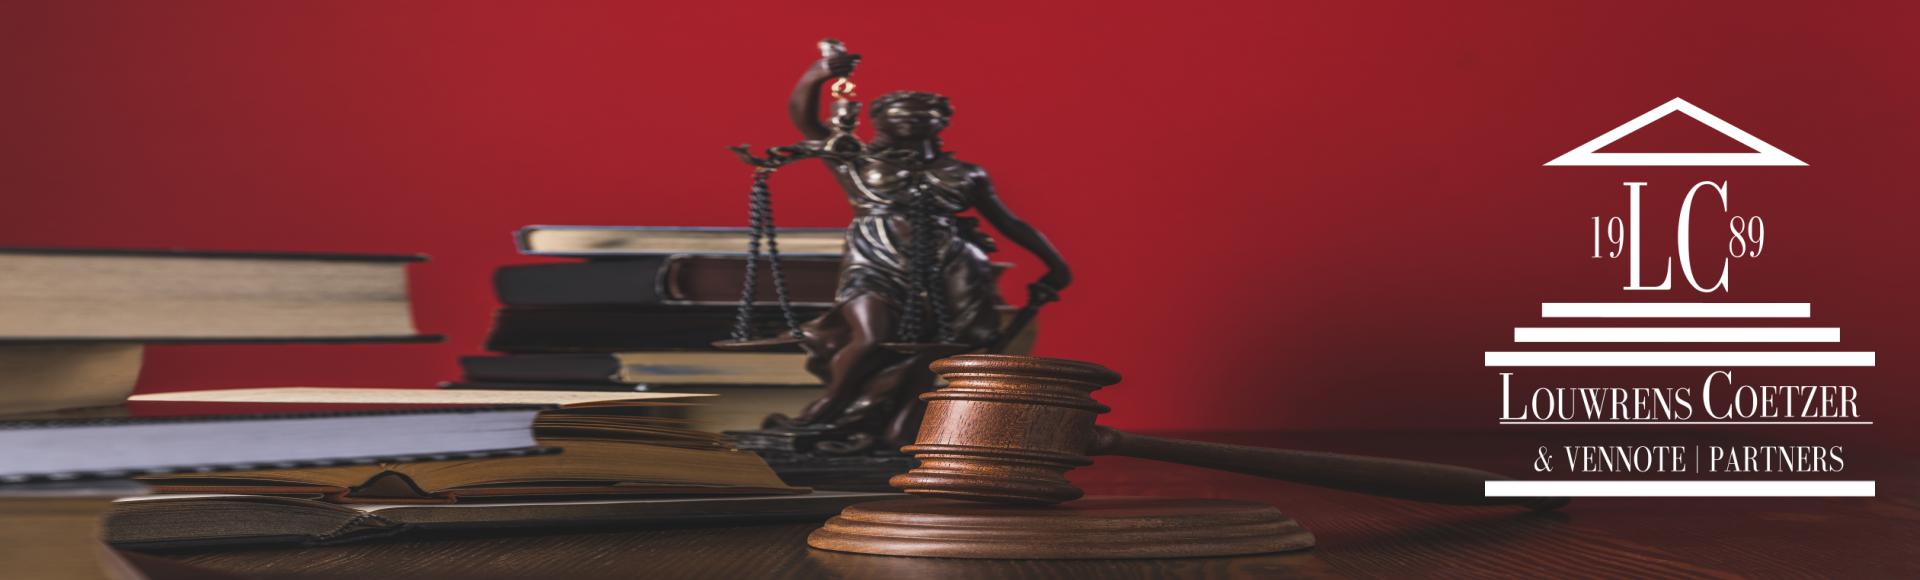 Louwrens Coetzer – Wills Estates & Litigation Attorneys